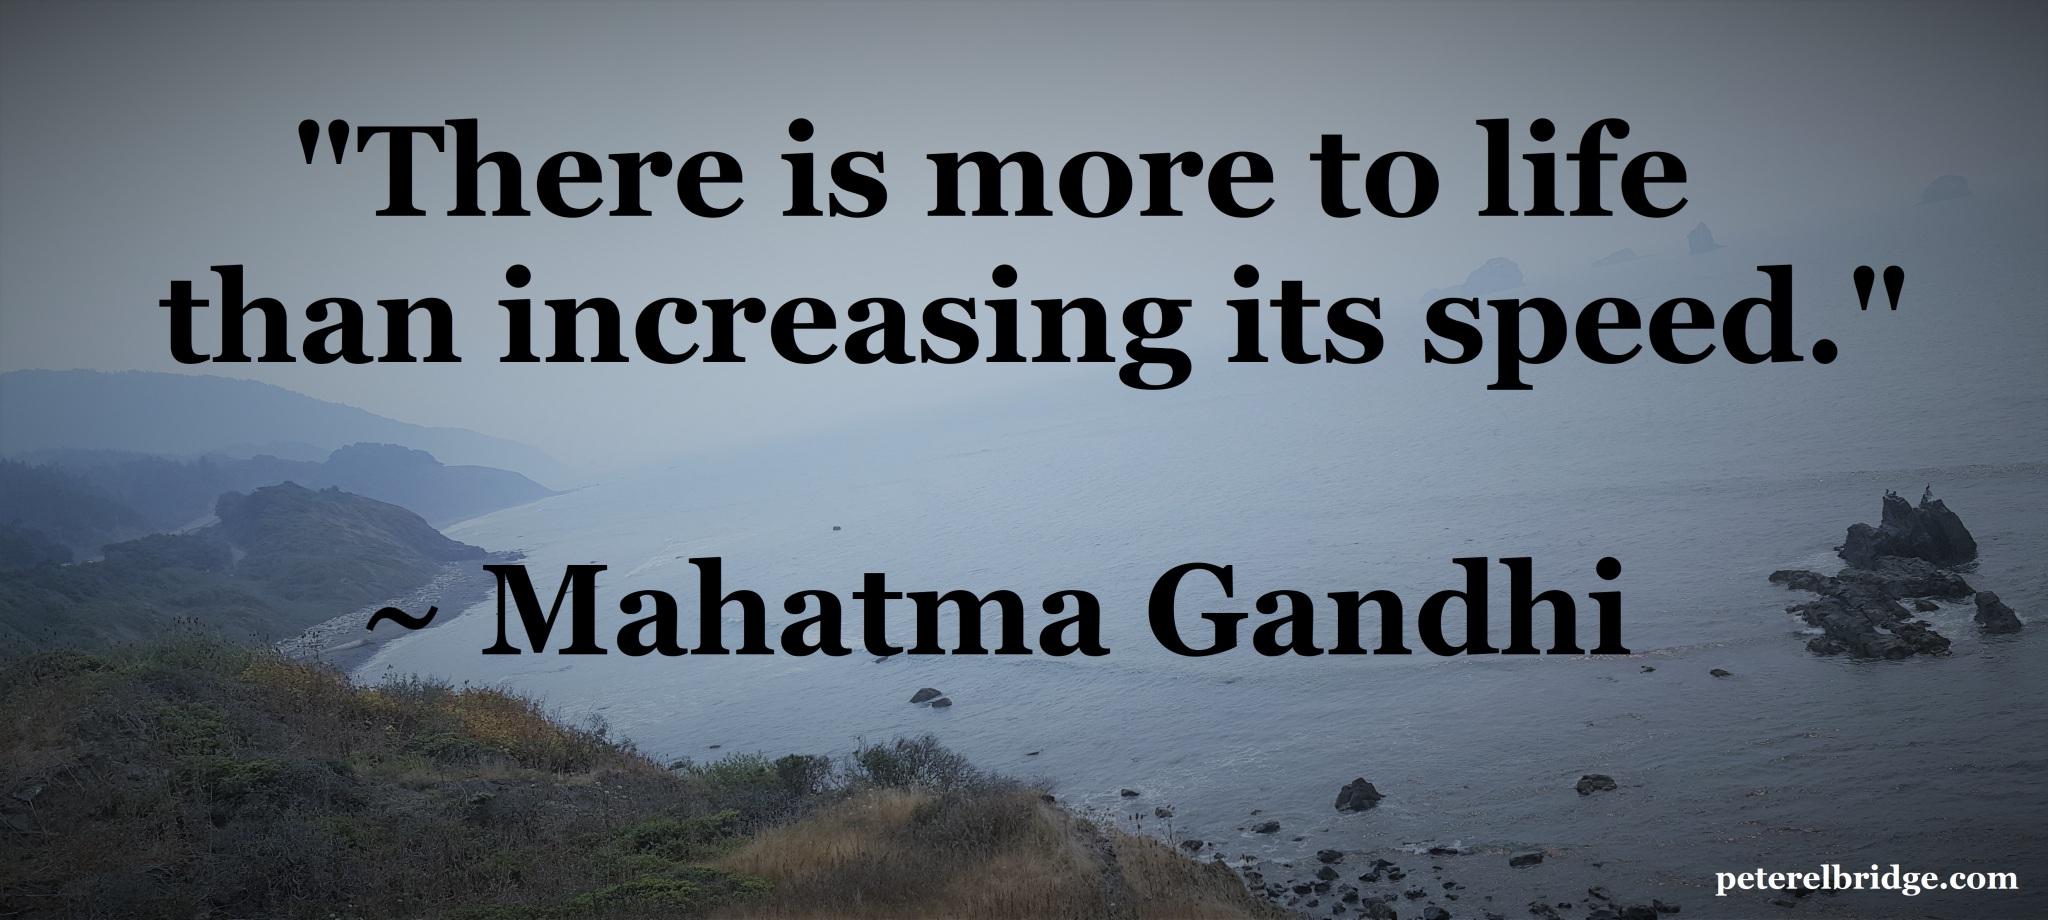 Mahatma Gandhi - more to life than increasing speed